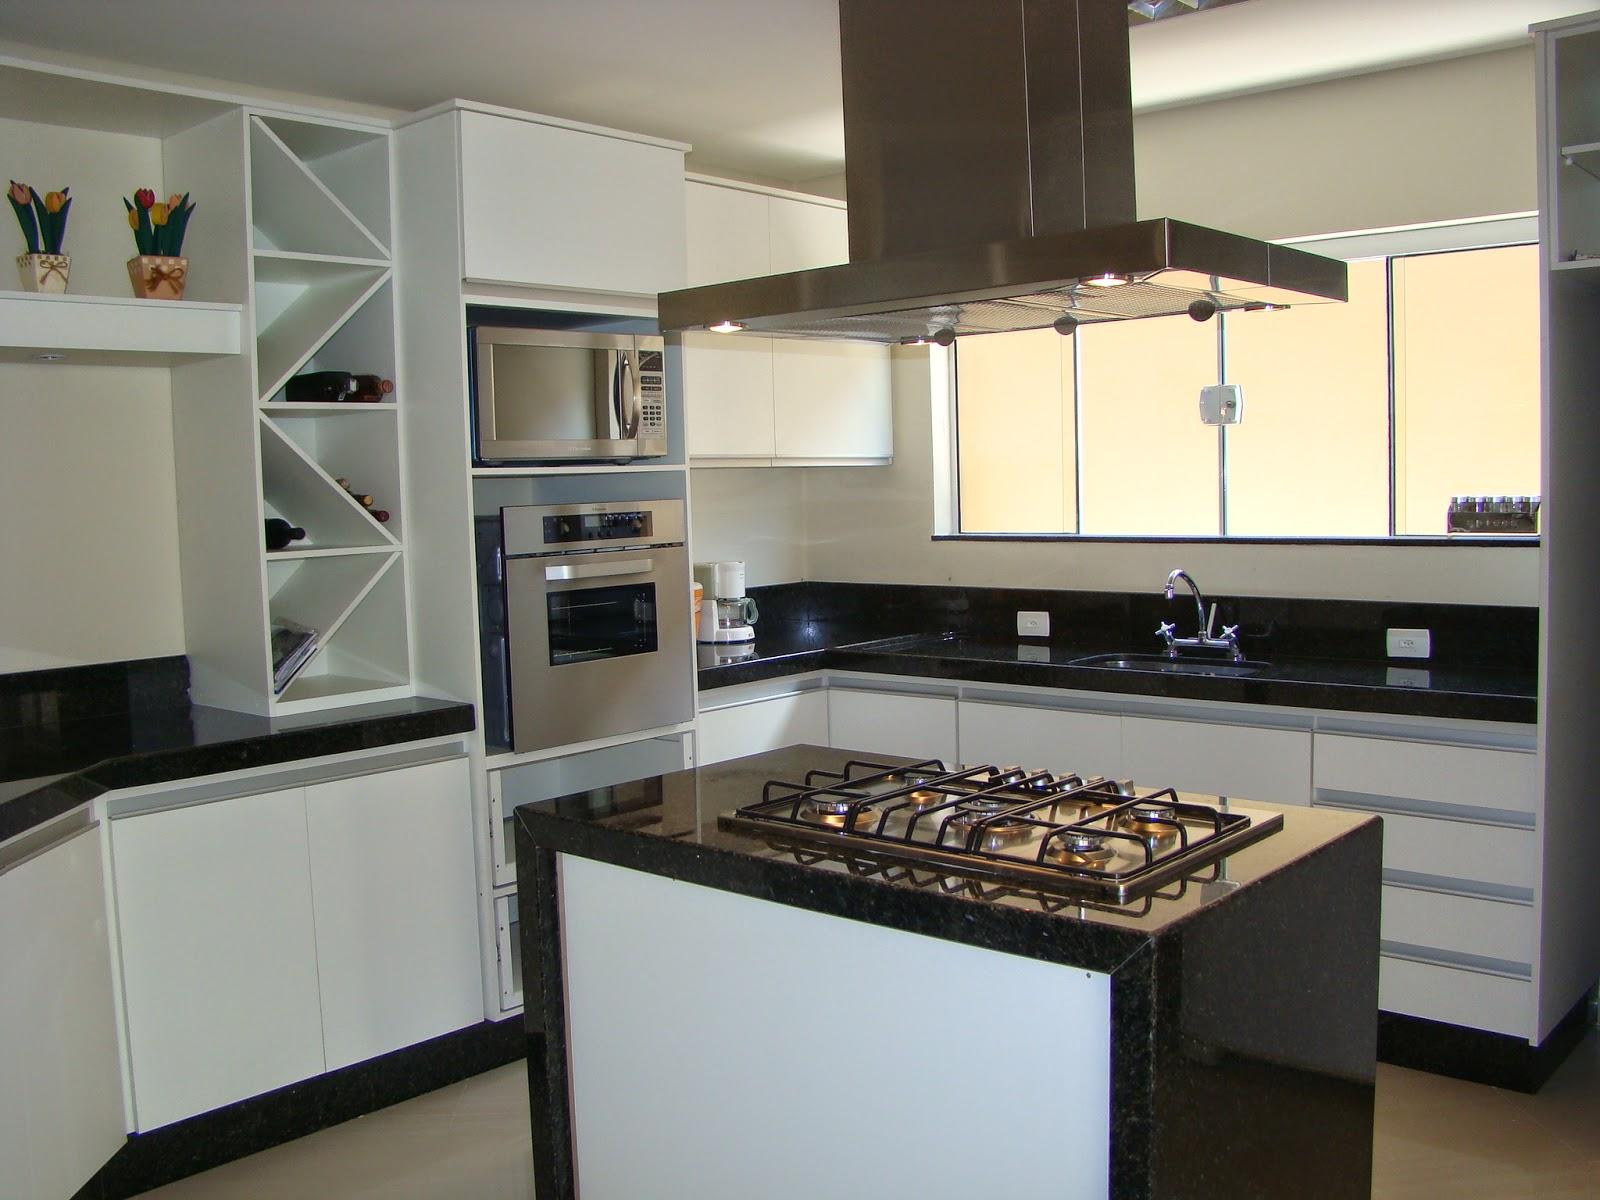 Cozinha Ilha Gourmet Beyato Com V Rios Desenhos Sobre Id Ias De